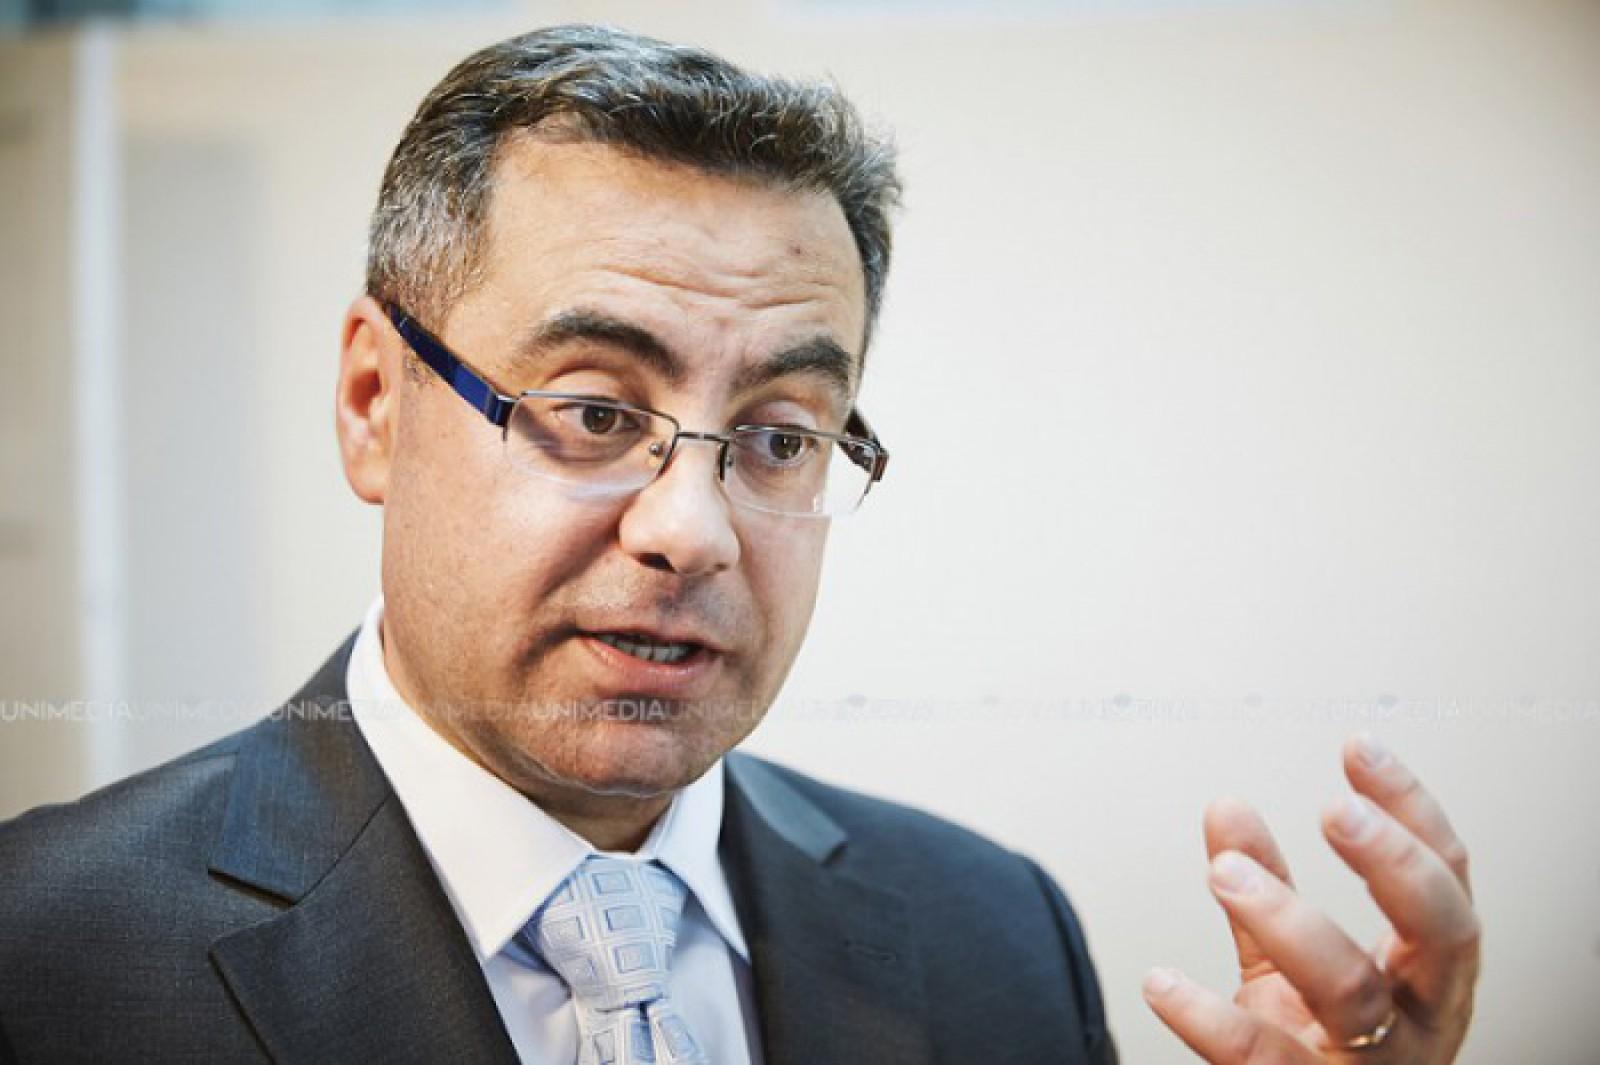 """Ilian Cașu: """"Demisia lui Chirtoacă vine după exemplul de maturitate politică al lui Renato Usatîi"""""""